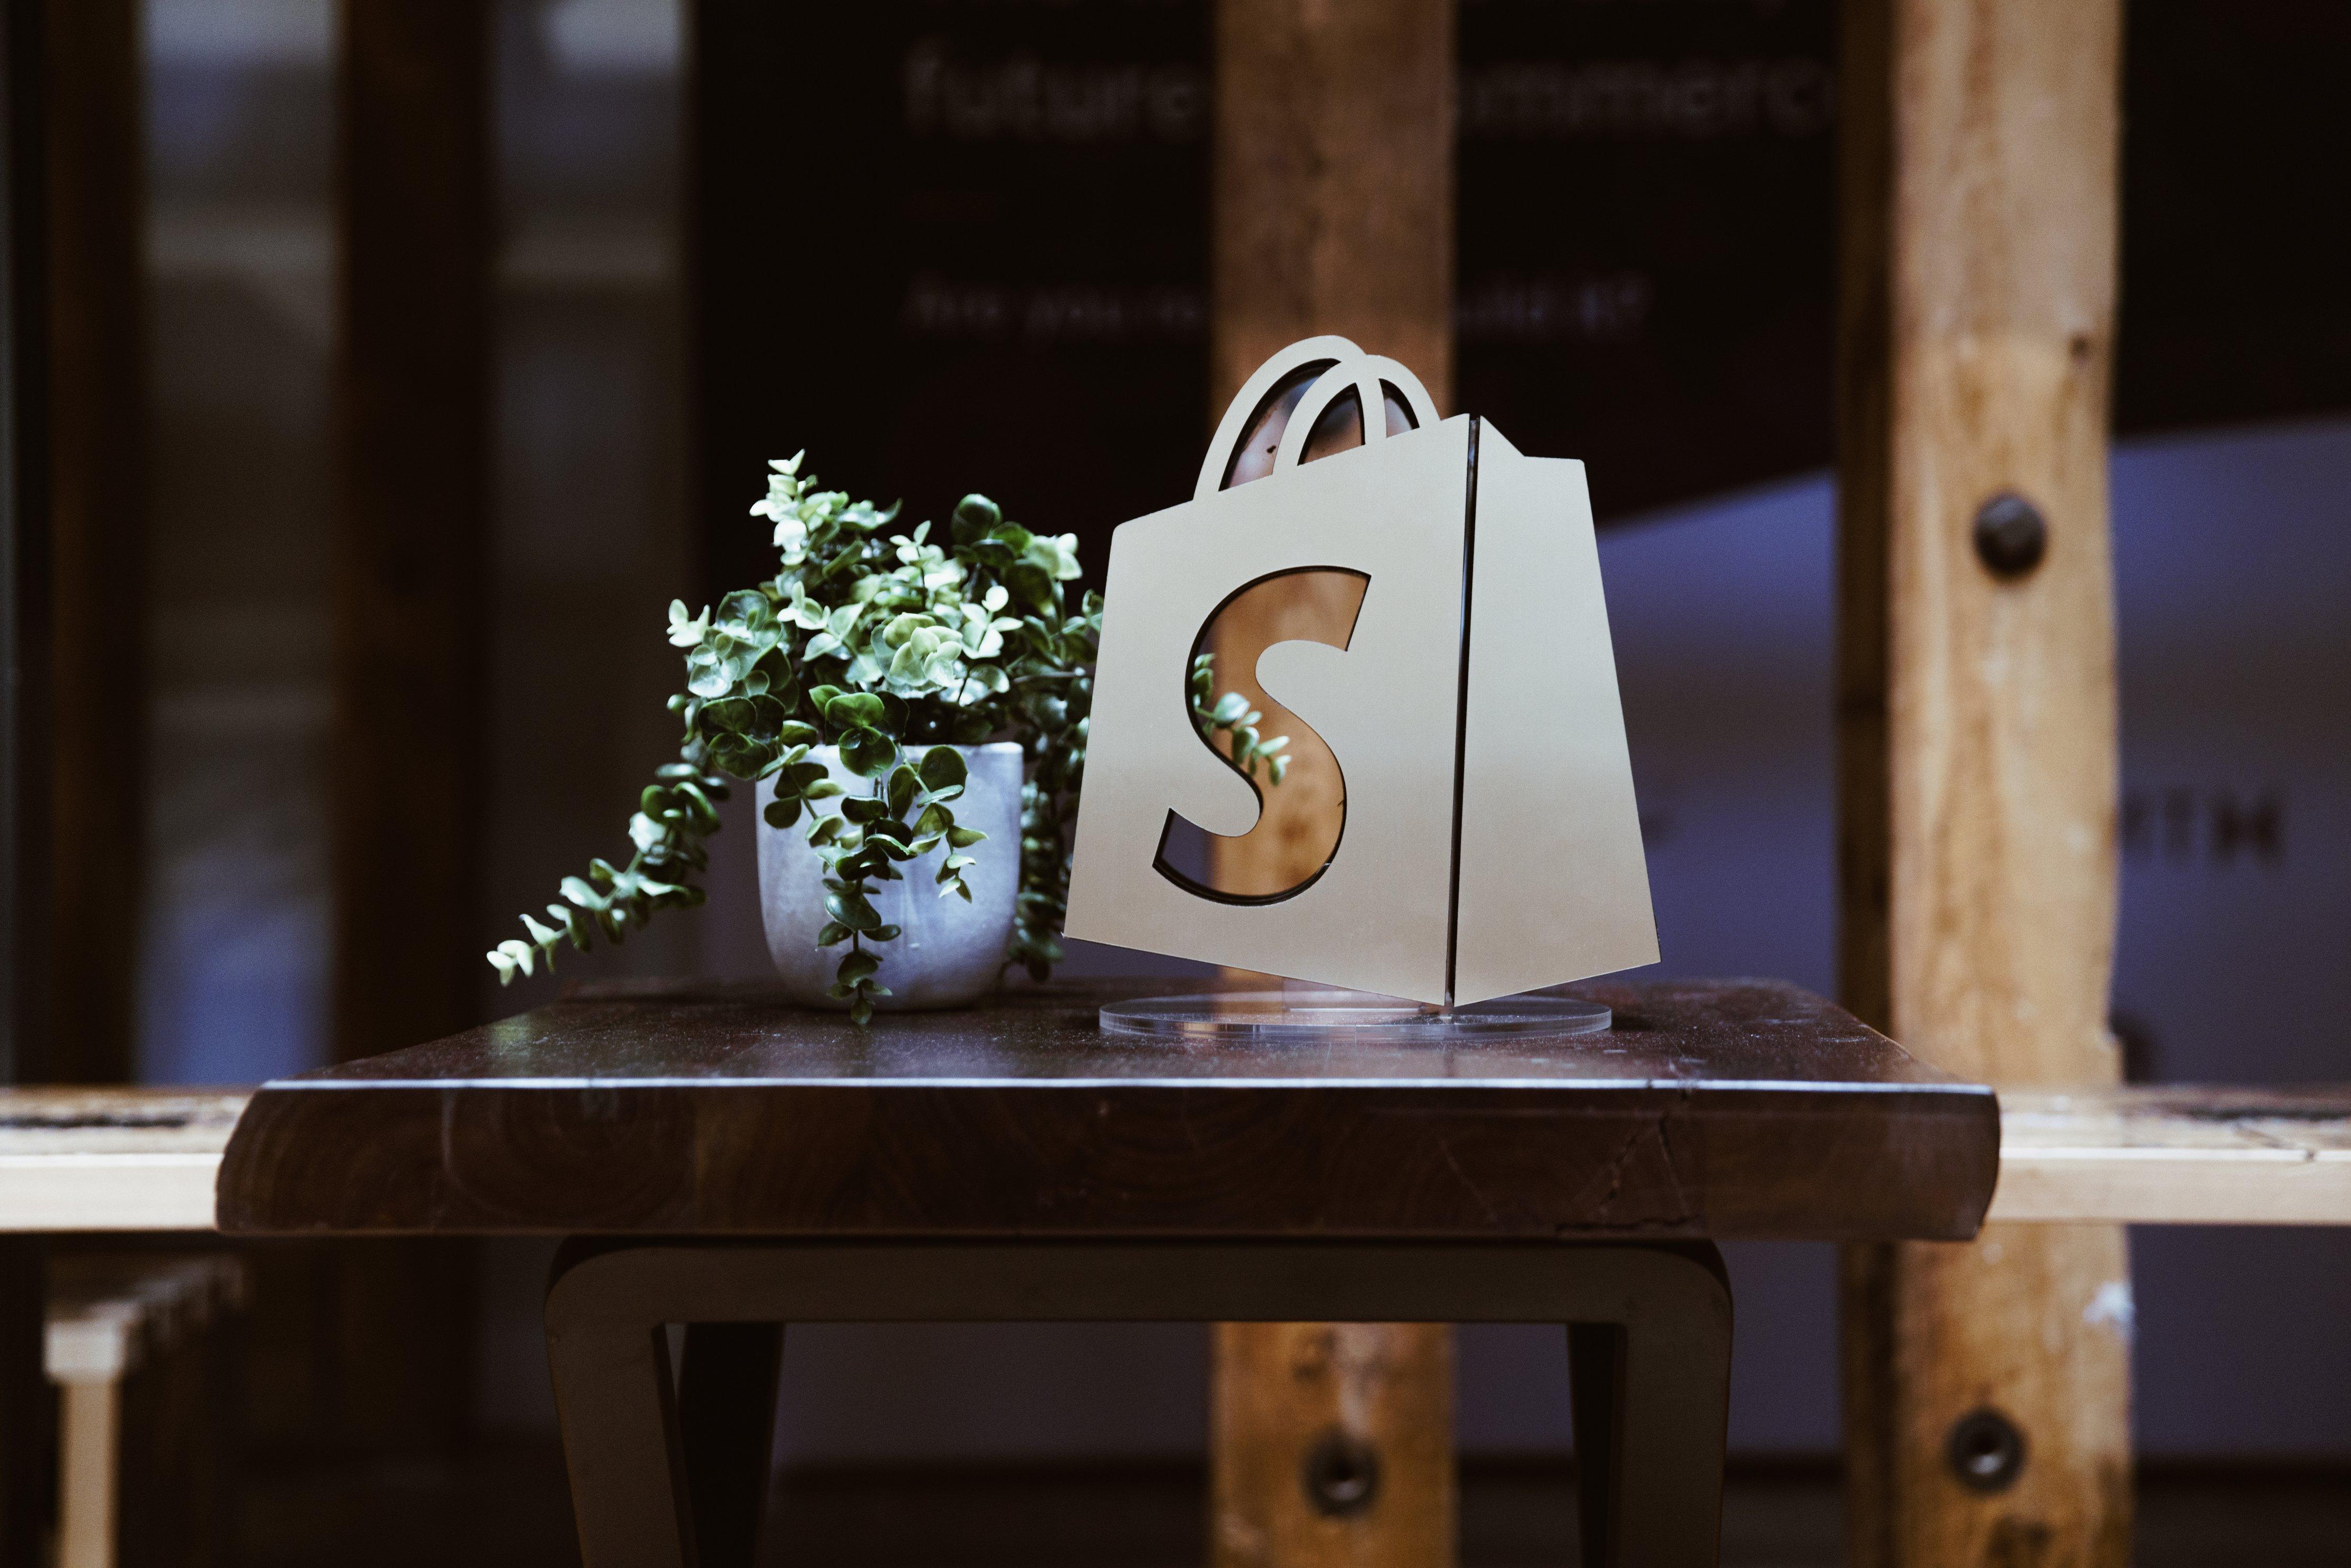 shopify unite 2018 update